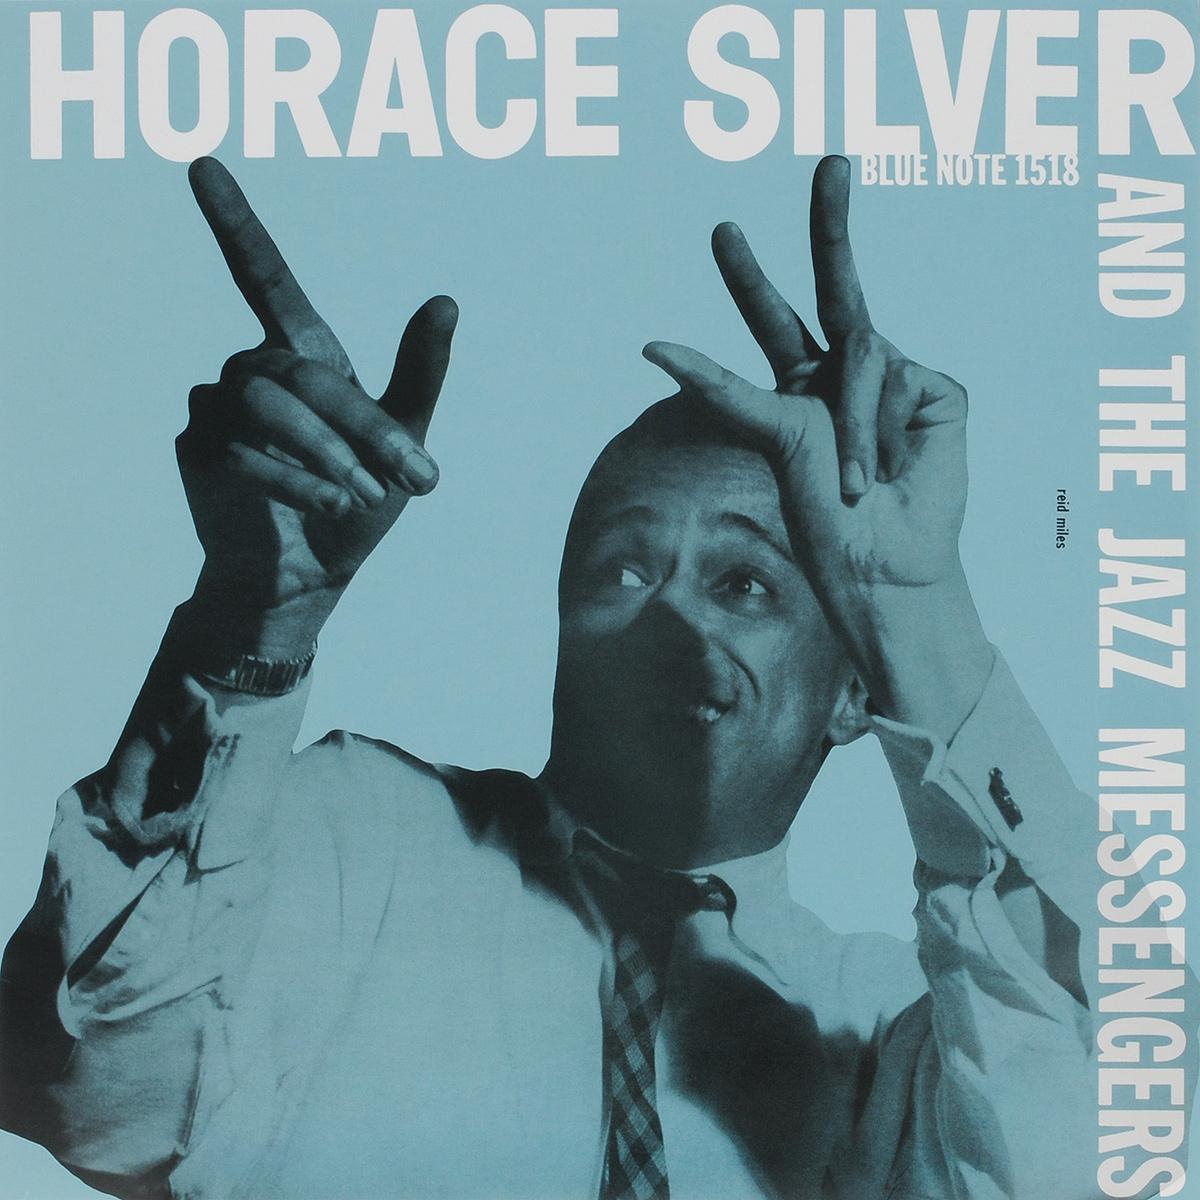 где купить  Хорэс Сильвер Horace Silver. Horace Silver And The Jazz Messengers (LP)  по лучшей цене